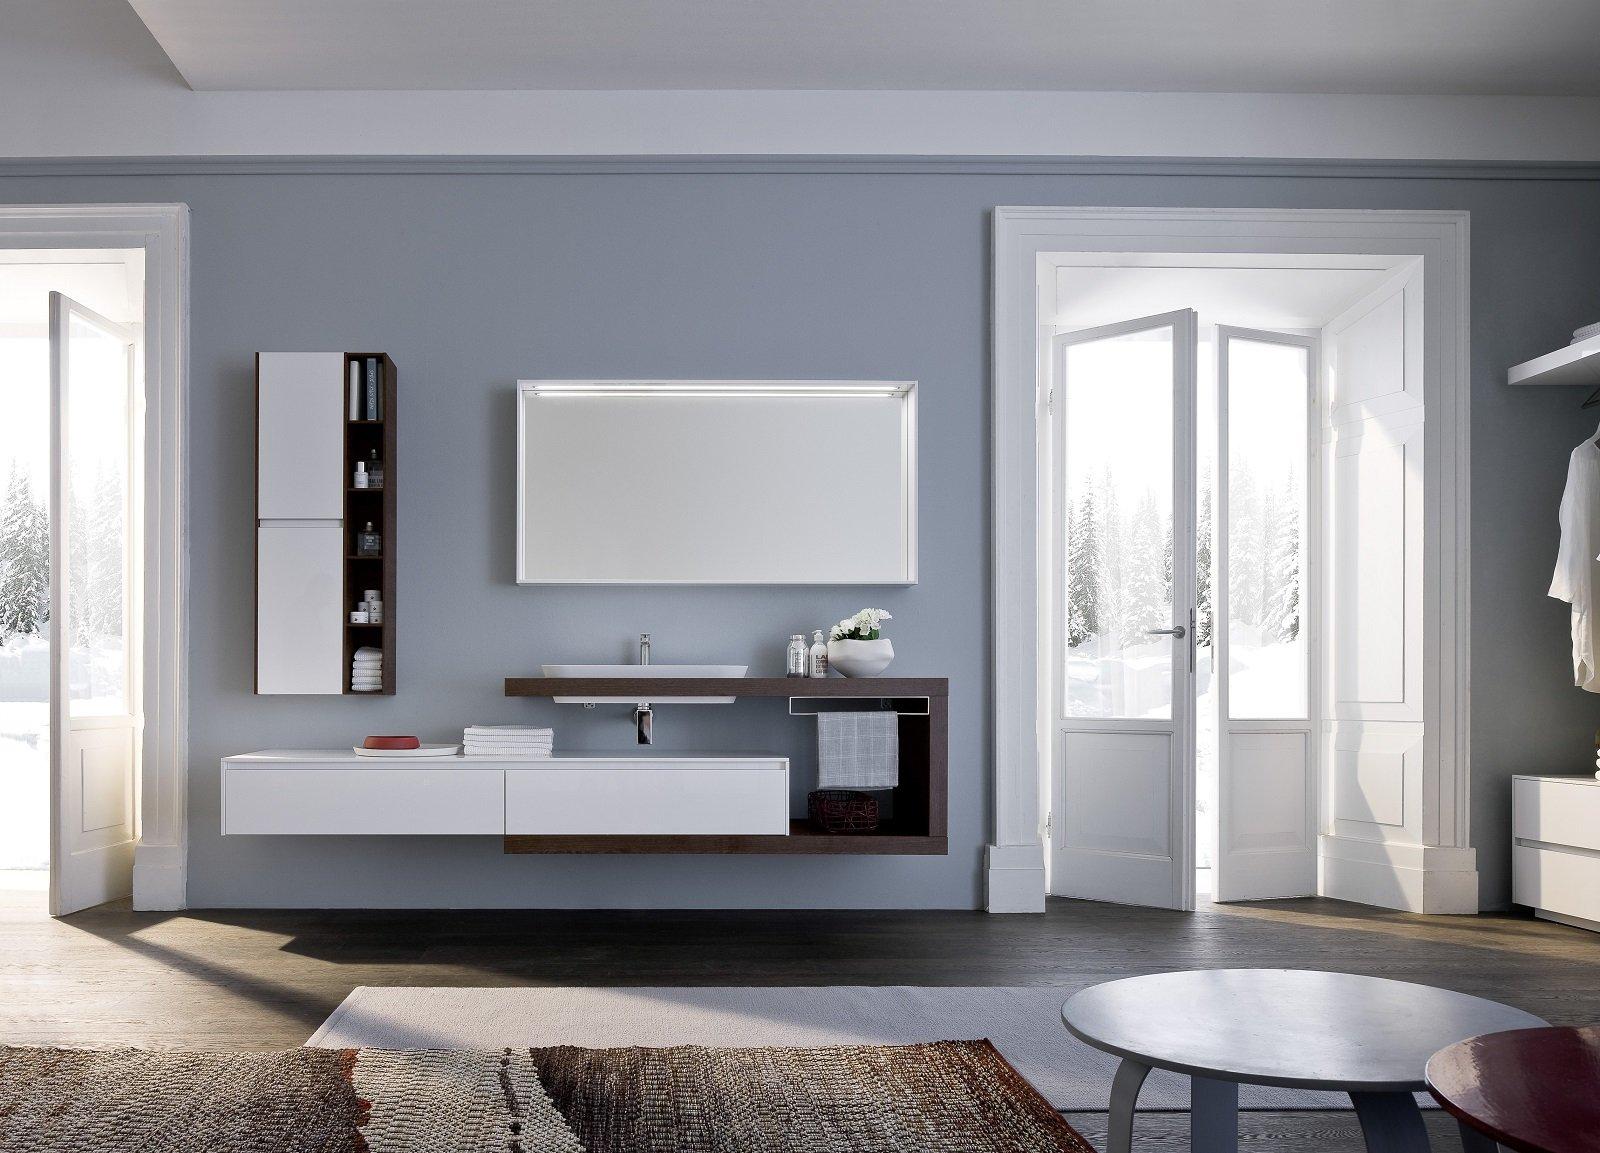 Mensole e piani d 39 appoggio per il lavabo cose di casa for Moderni piani di casa toscani